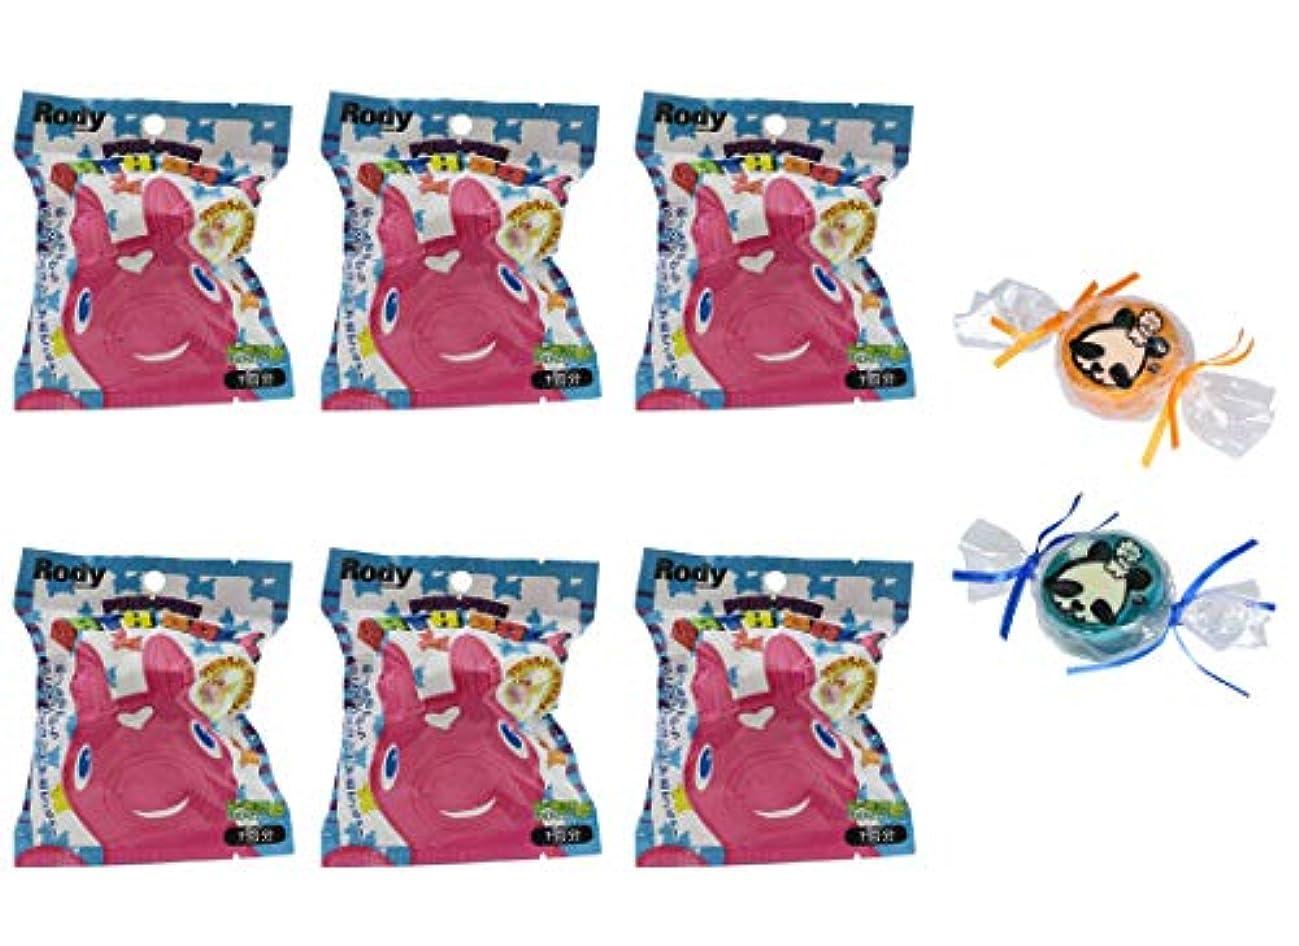 ニコチン悲観主義者サーキュレーション【6個セット+ミニ石けん付】サンタン ぷにぷにロディ バスボール レモンの香り 80g【パンダ石けん2個付】